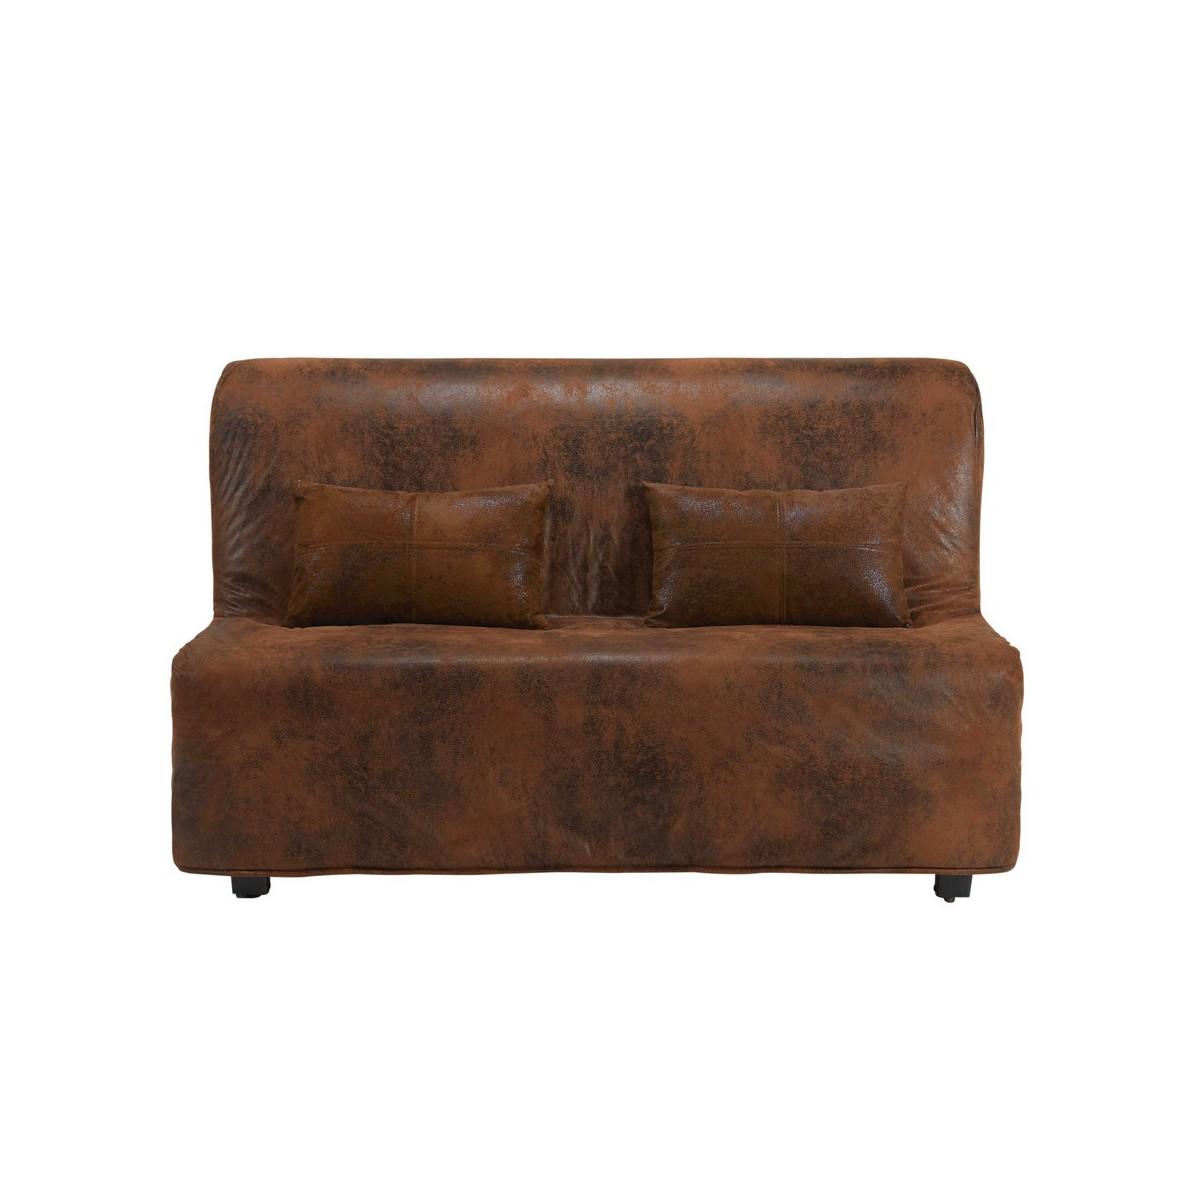 Housse de canap bz en microsu de marron - Housse canape bz 160x200 ...